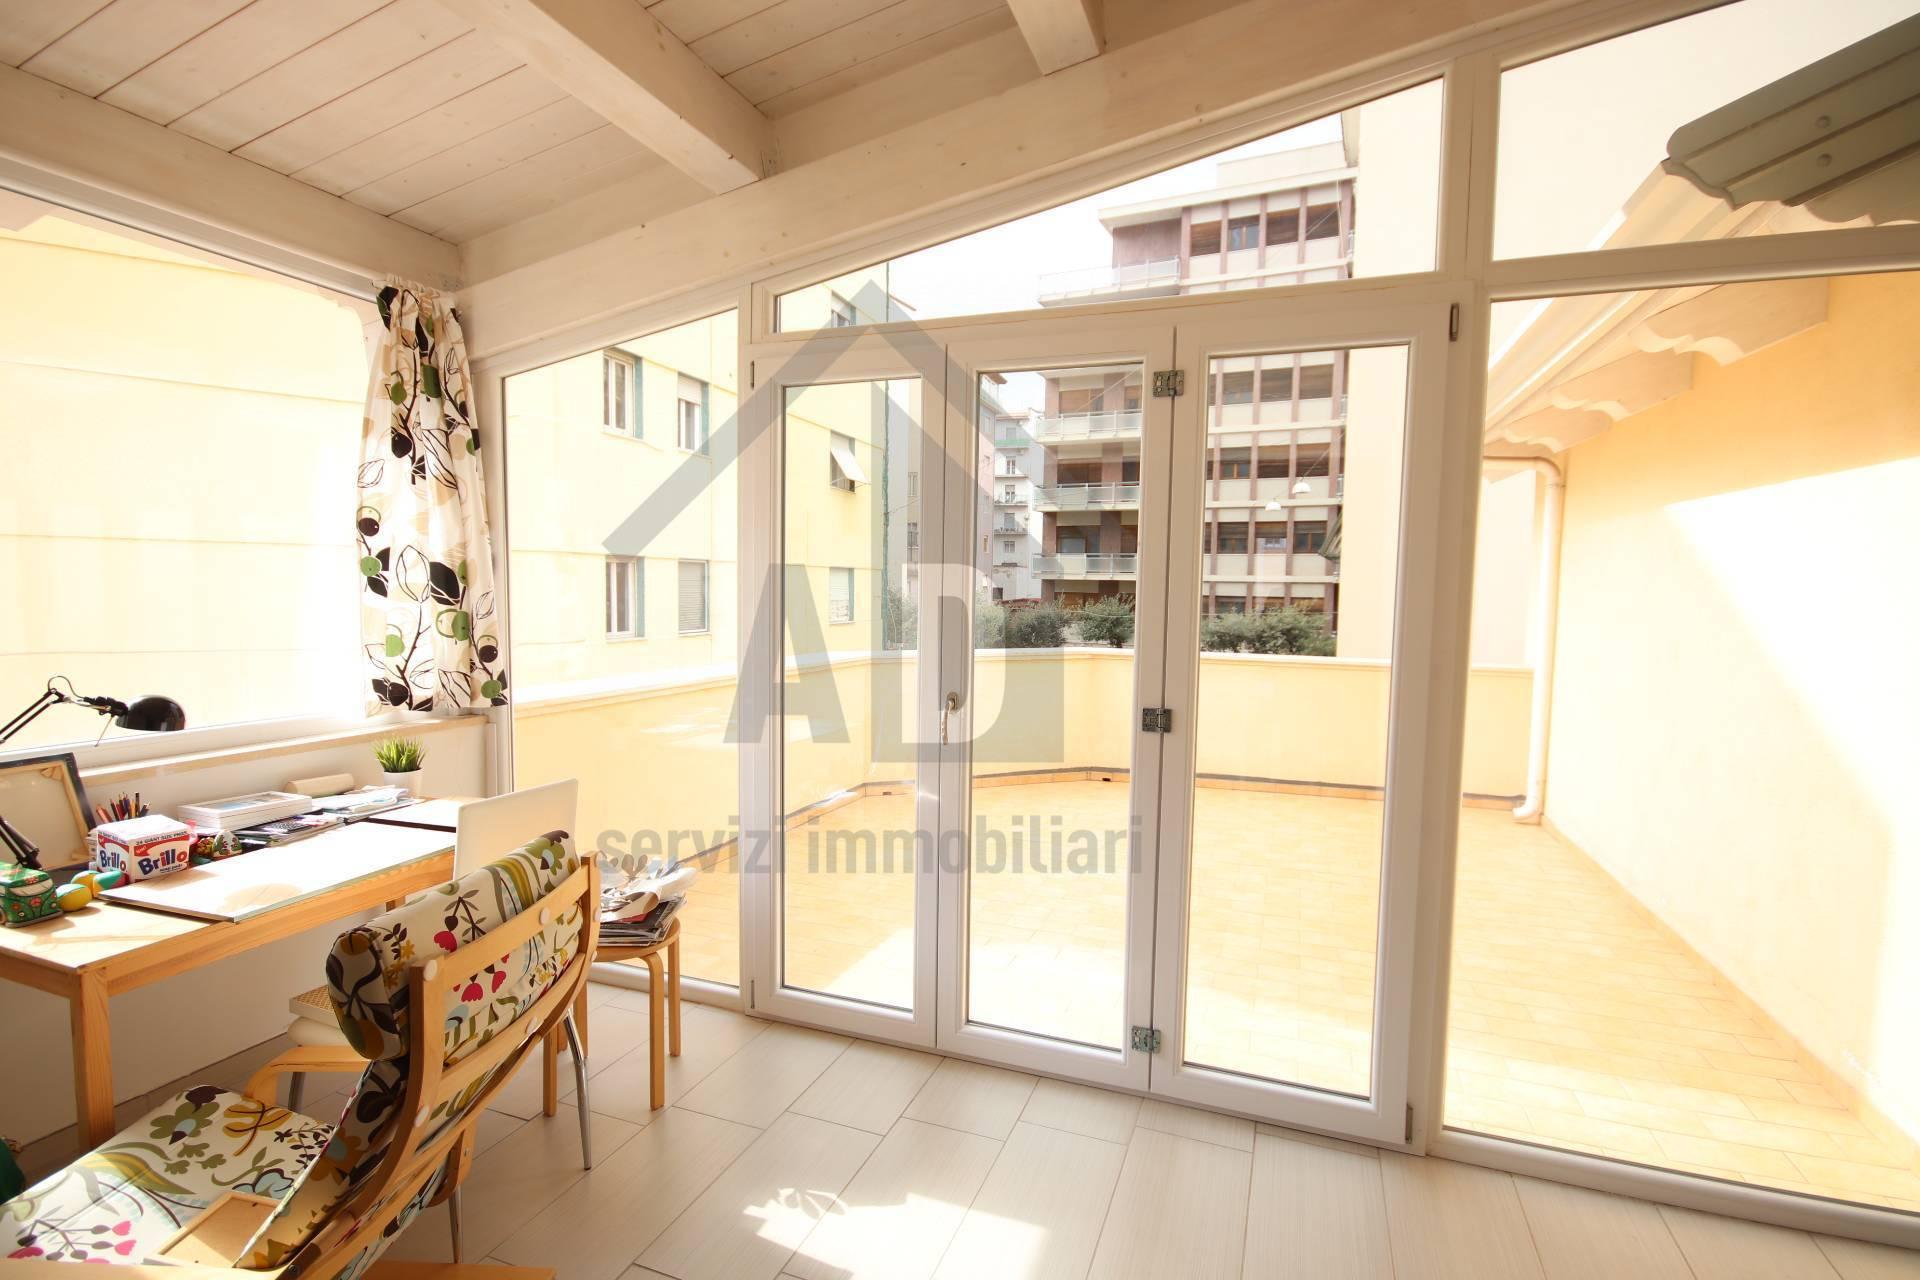 Appartamento in affitto a Cosenza (CS)